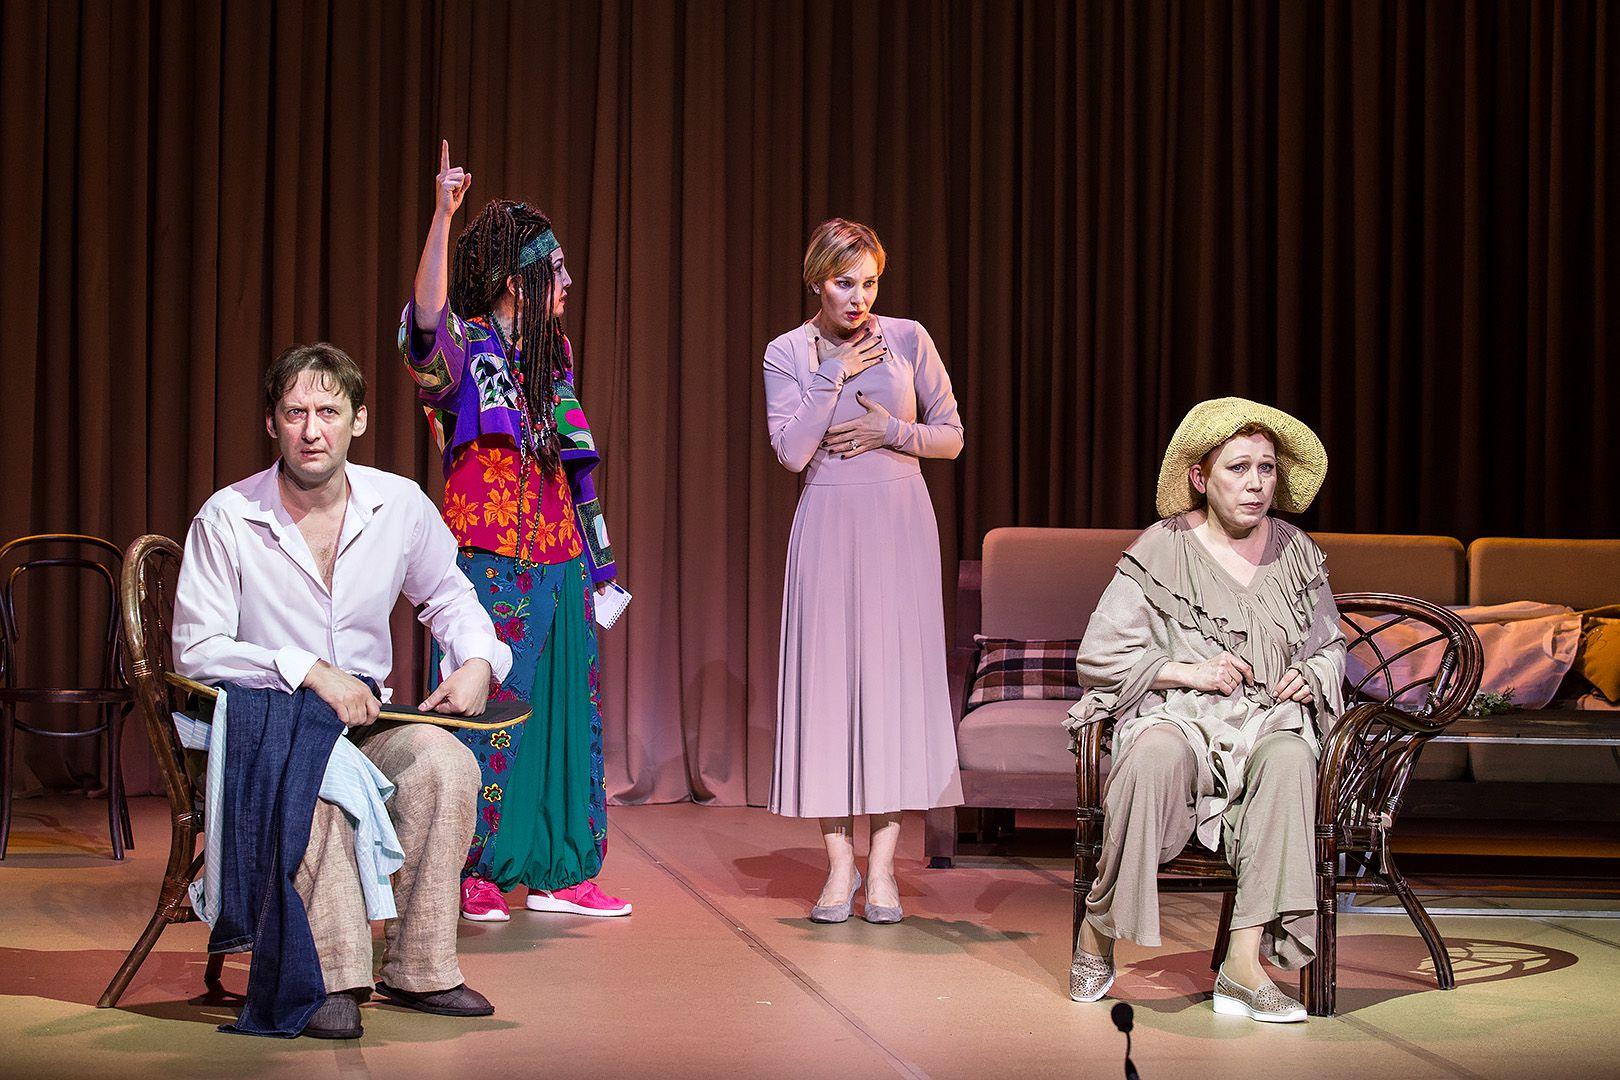 Спектакль «Ваня и Соня и Маша и Гвоздь» в театре «Сатирикон» фото 4